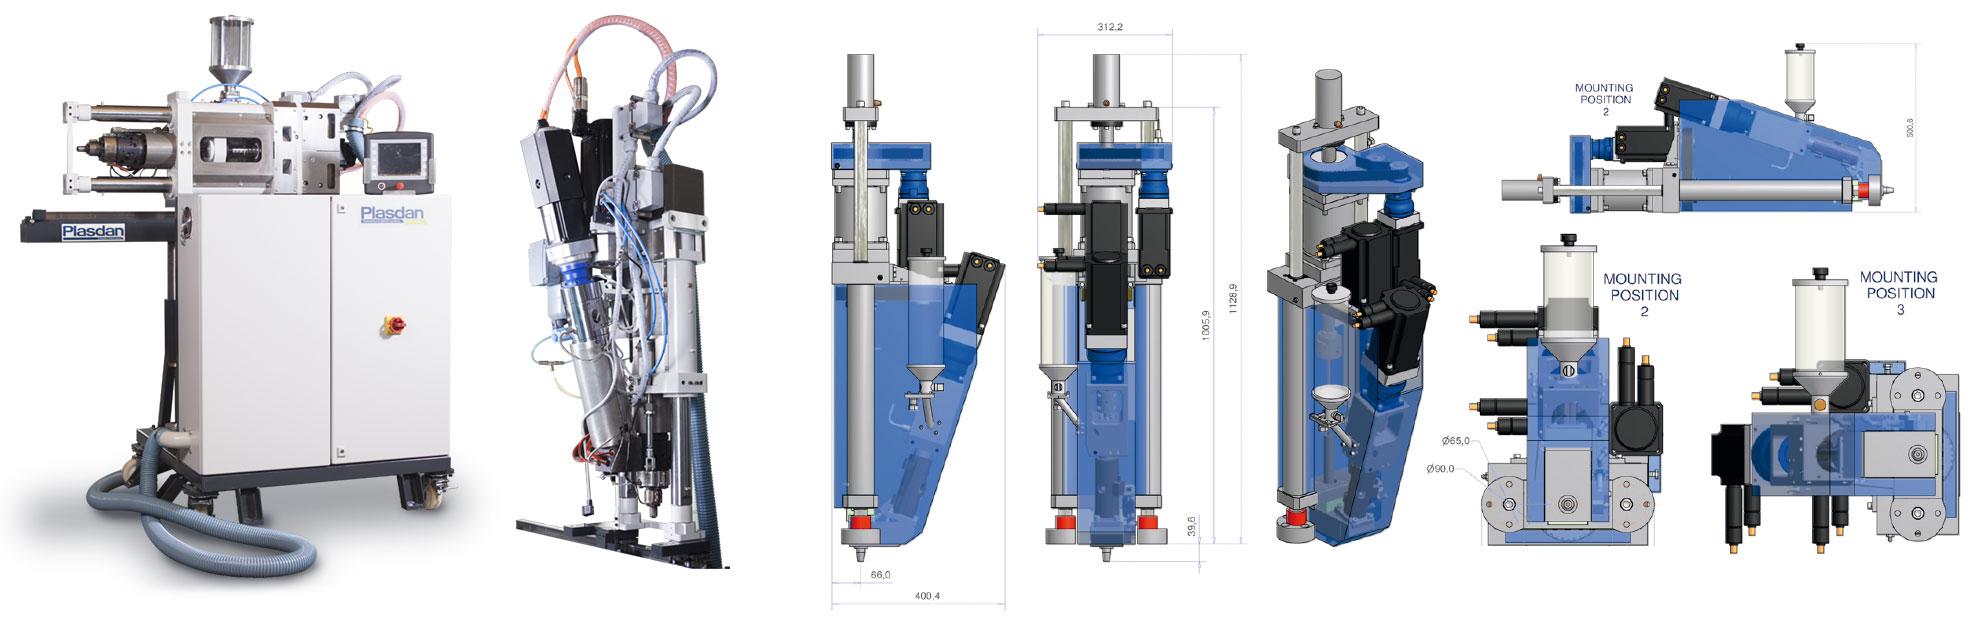 3PA Machine 2